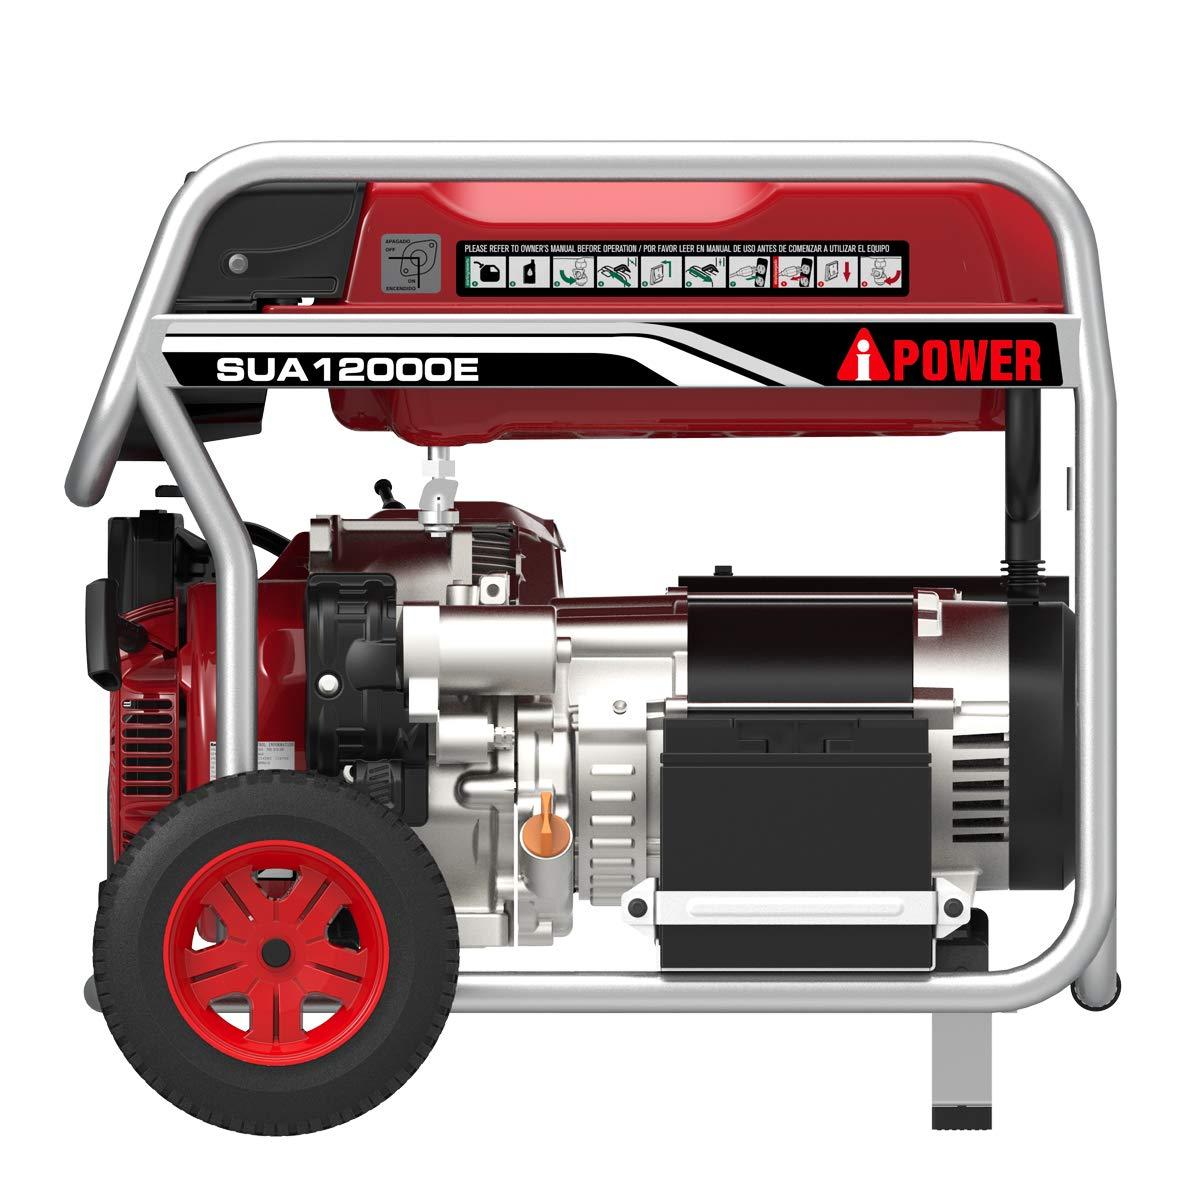 Amazon.com : A-iPower SUA12000E 12, 000-Watt Portable Generator Gas Powered  : Garden & Outdoor